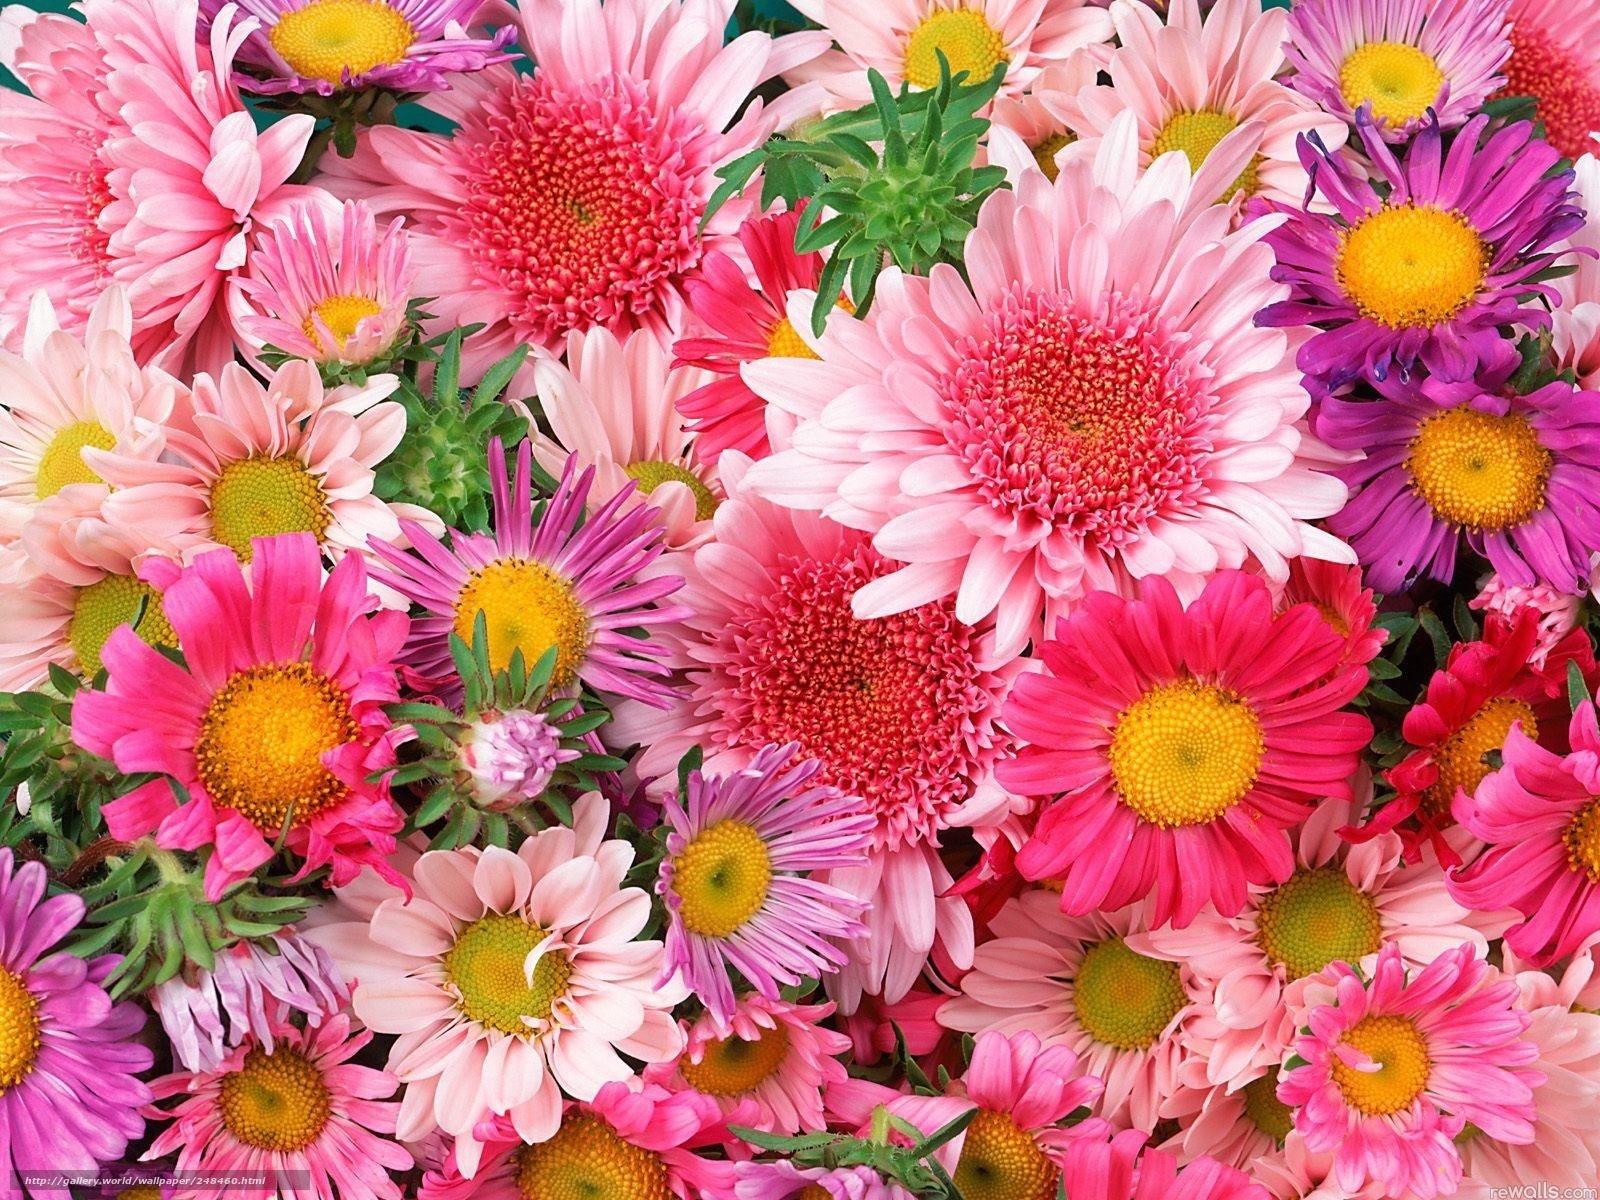 Scaricare gli sfondi fiori colorati profumatamente sogno for Immagini per desktop fiori